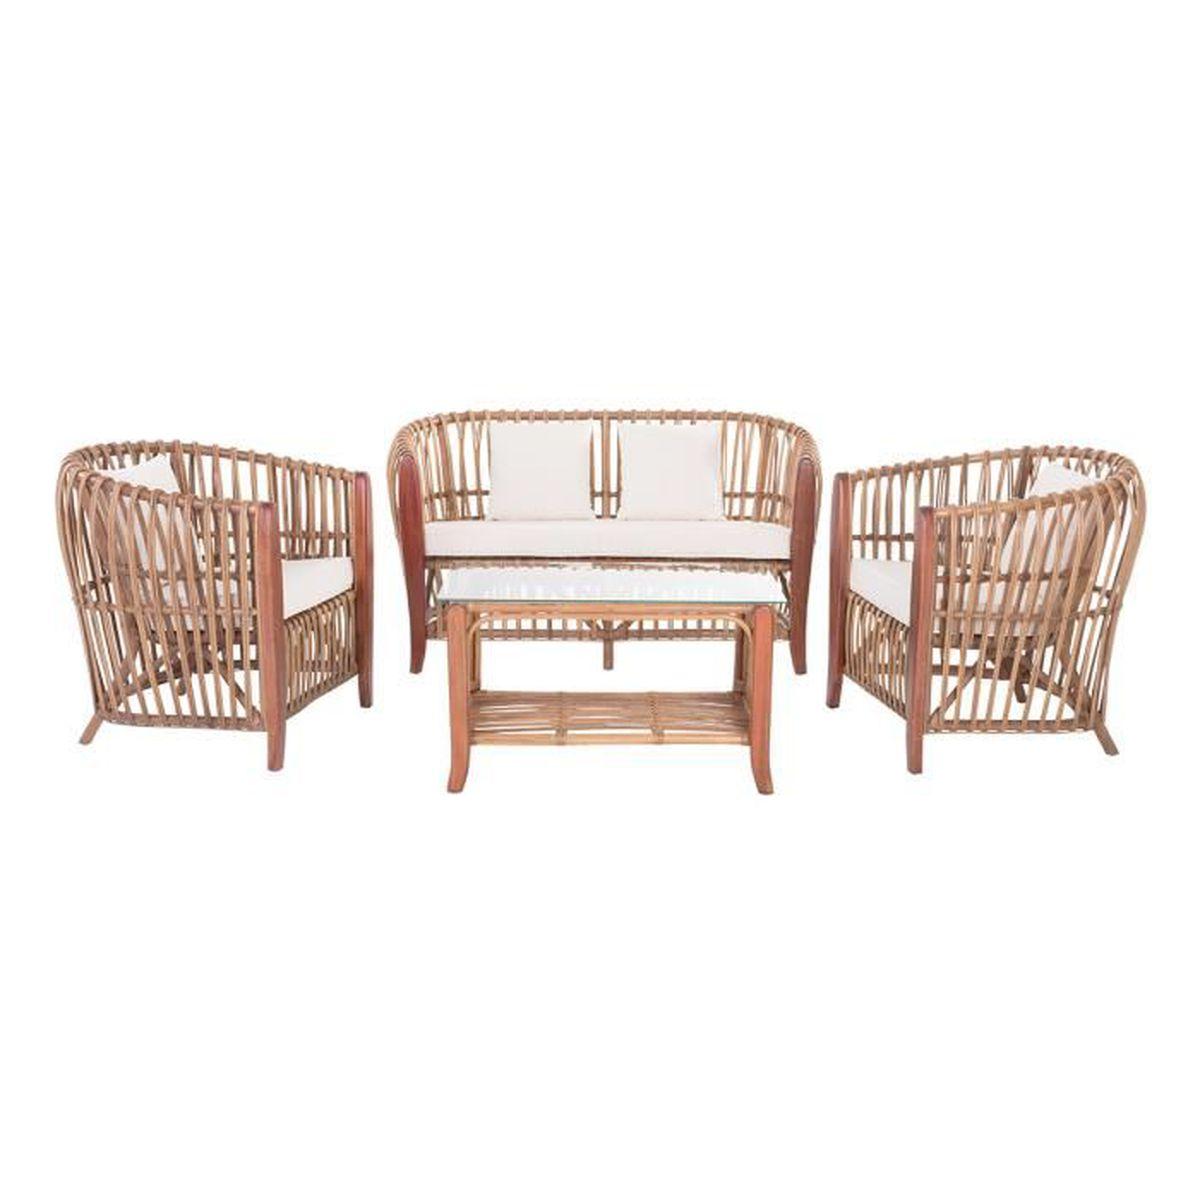 Salon de jardin bois Rotin-design